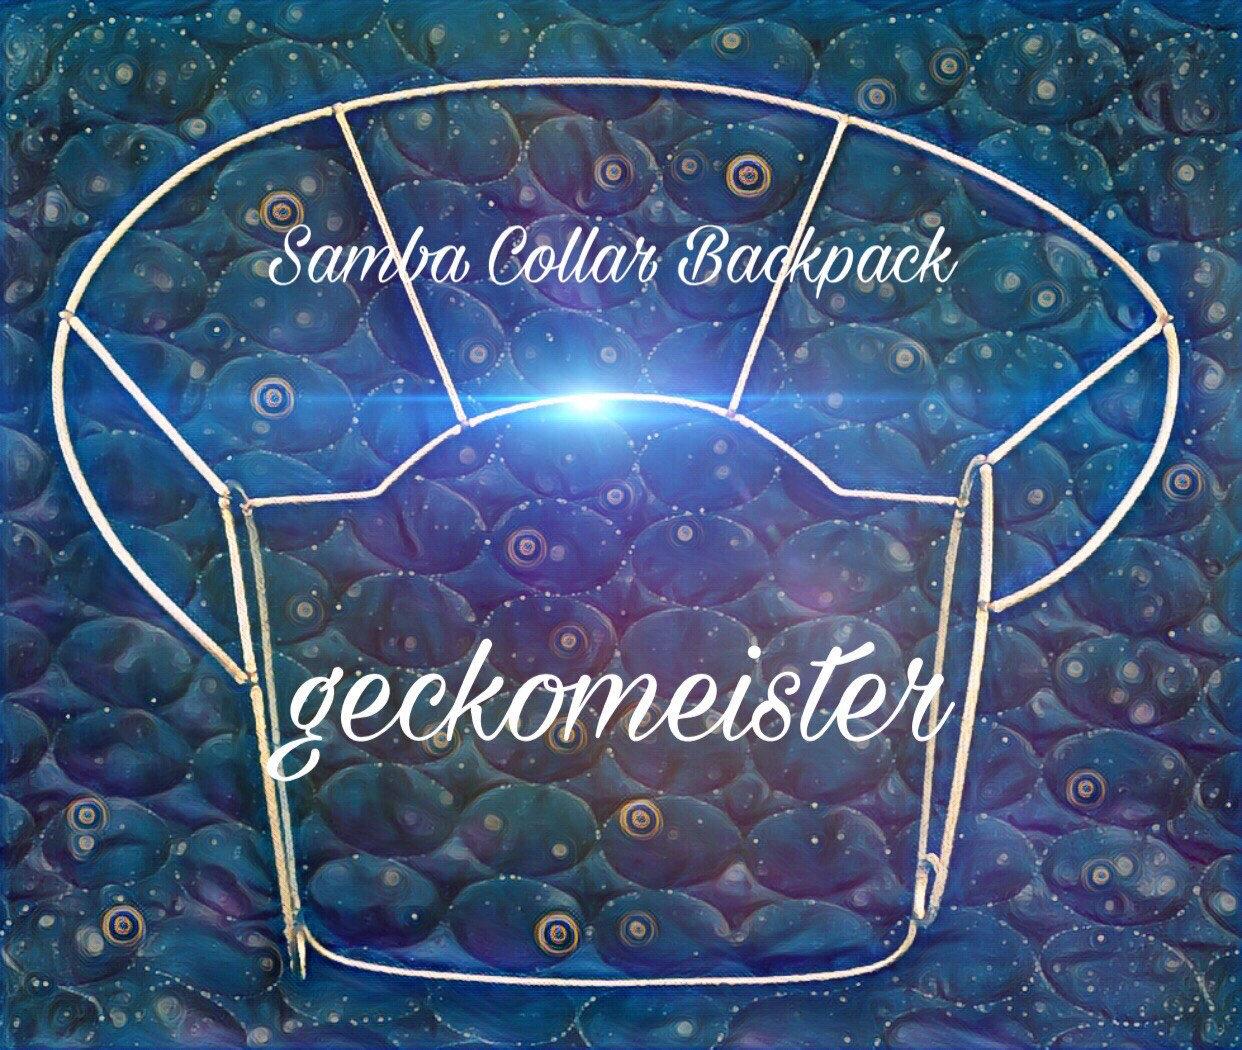 Simple Samba Collar Shoulder Backpack Wire Frame Design